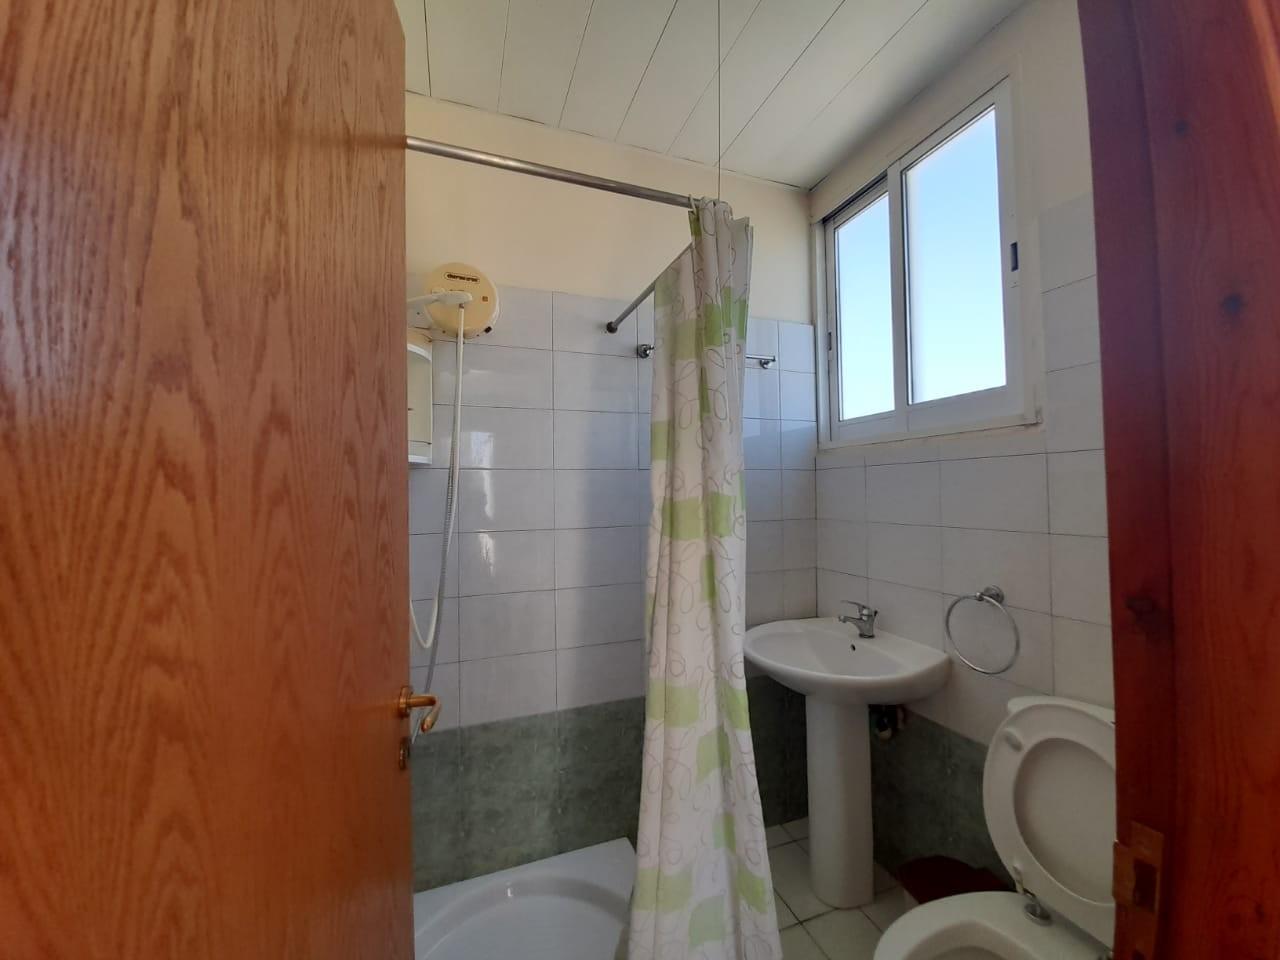 FC-26367: Apartment (Flat) in Agios Antonios, Nicosia for Rent - #2